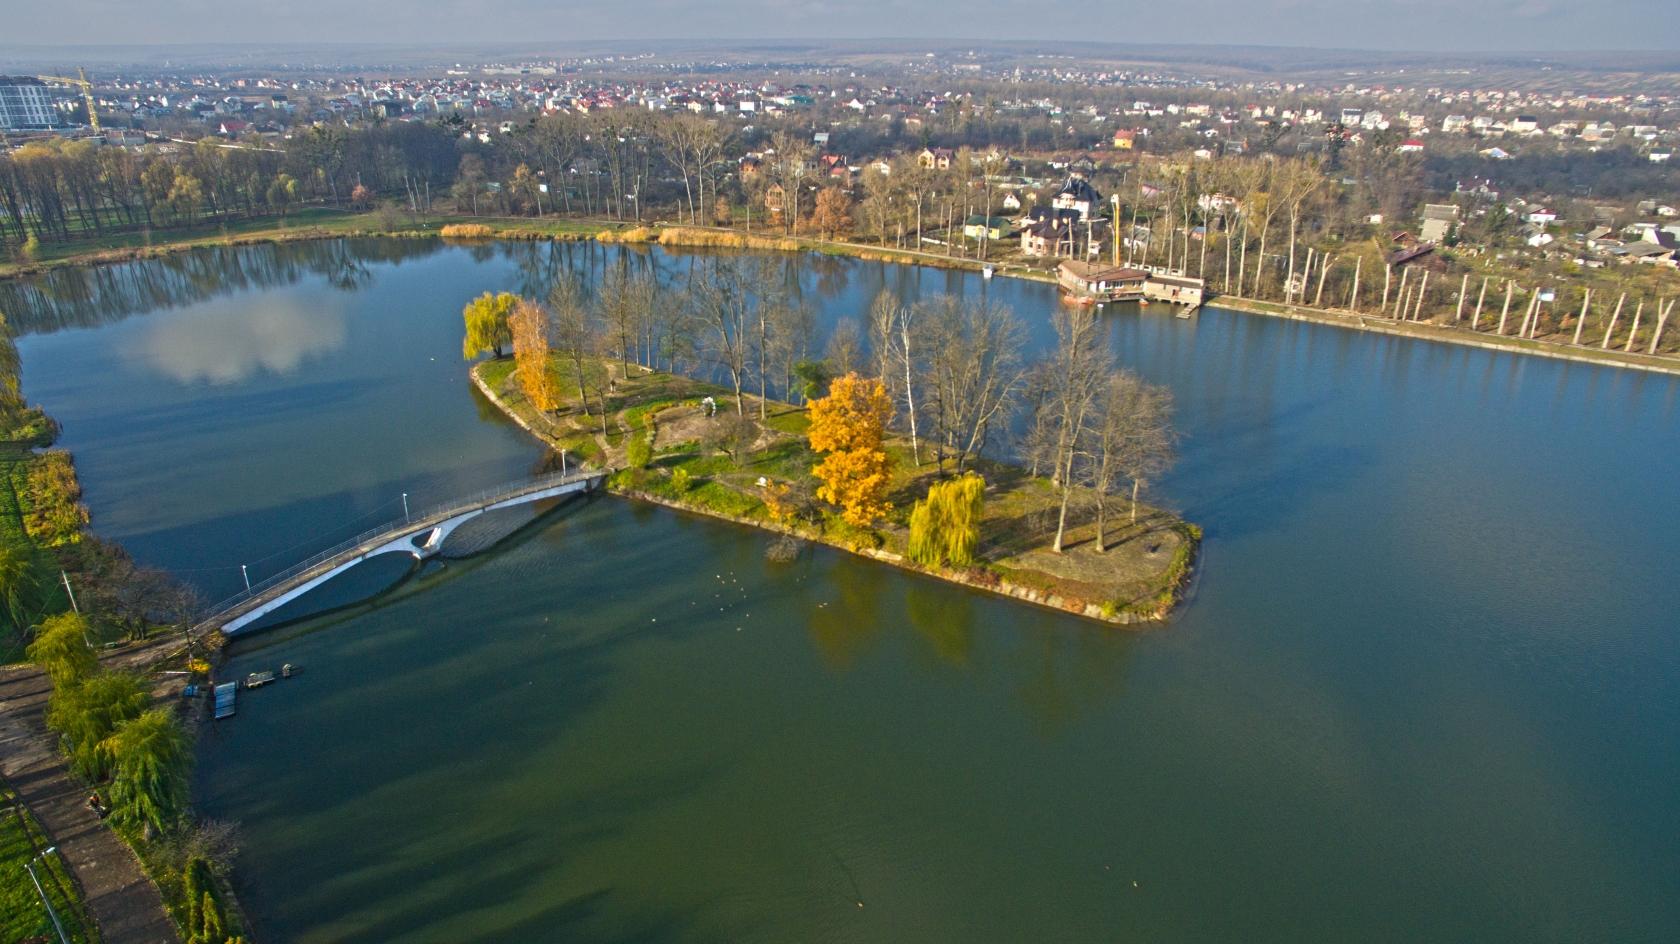 Міст закоханих на озері, де любив гуляти Роман Гурик